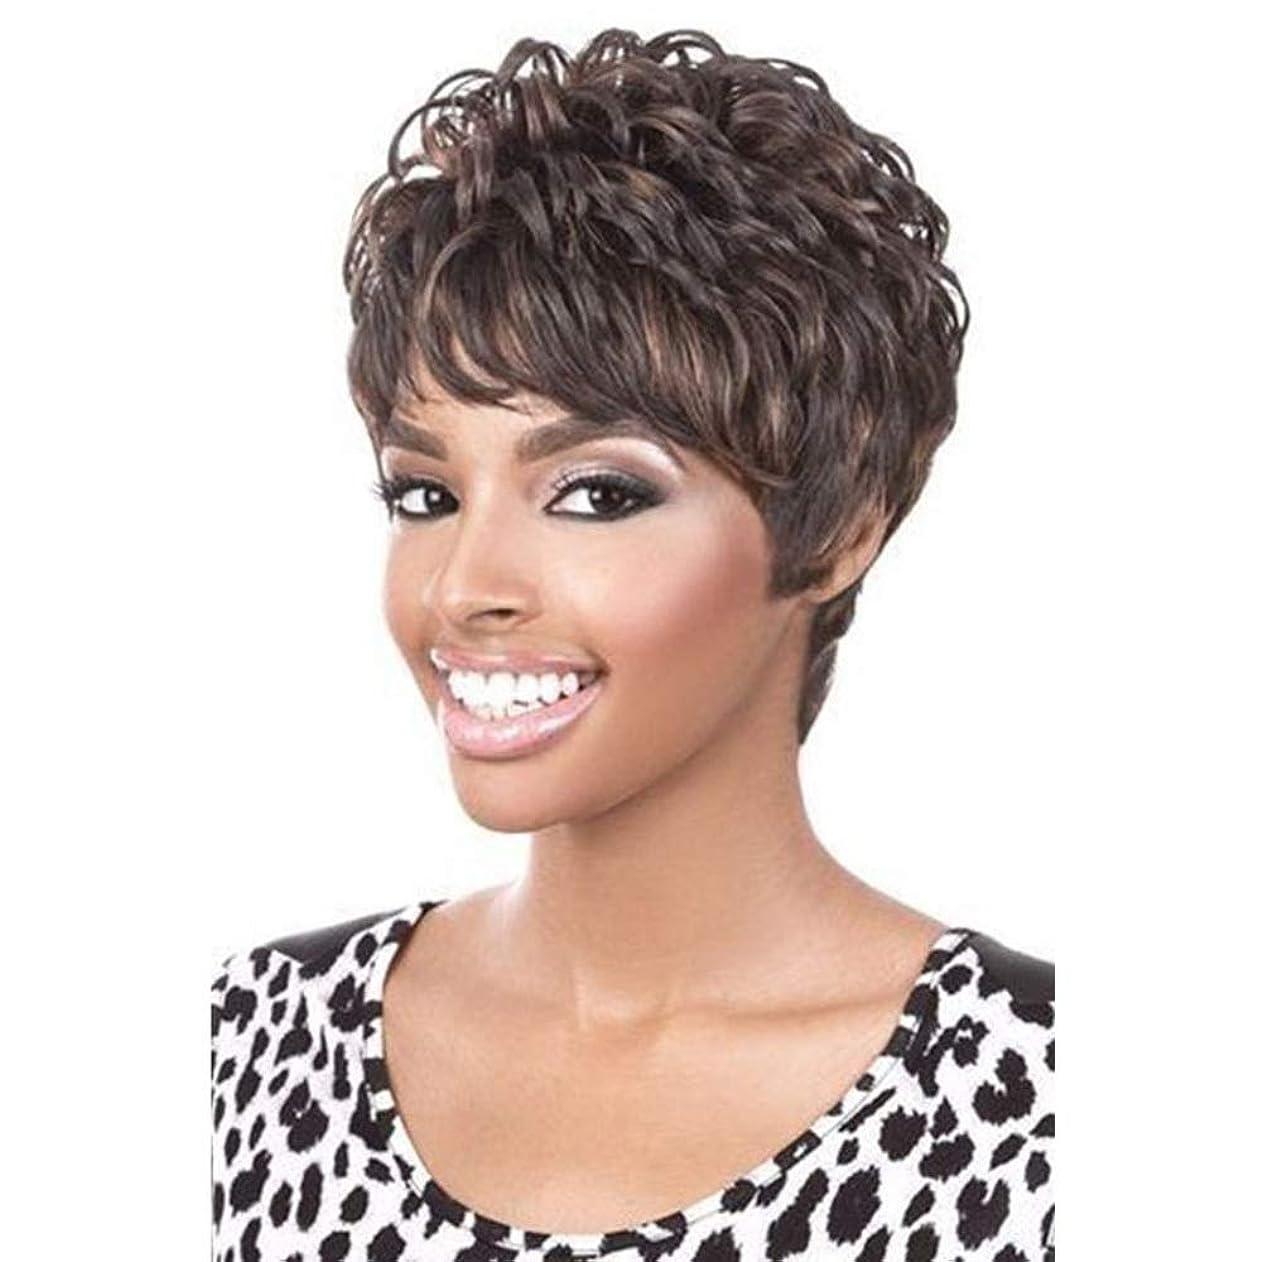 偶然の排泄する入場料Yrattary 前髪+無料かつらキャップ付きの女性の人工毛のための短い茶色のかつらコスプレかつら (色 : ブラウン)